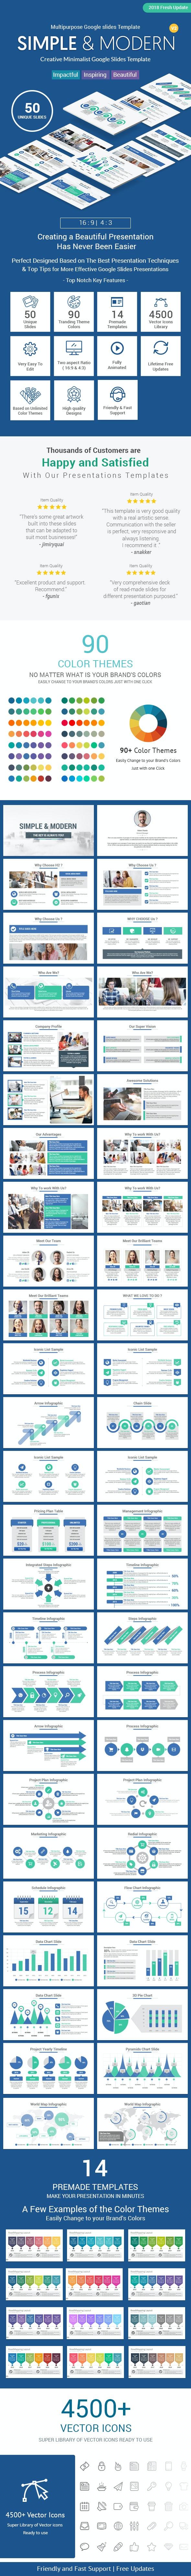 Simple Minimalist Google Slides Business Template Theme - Google Slides Presentation Templates